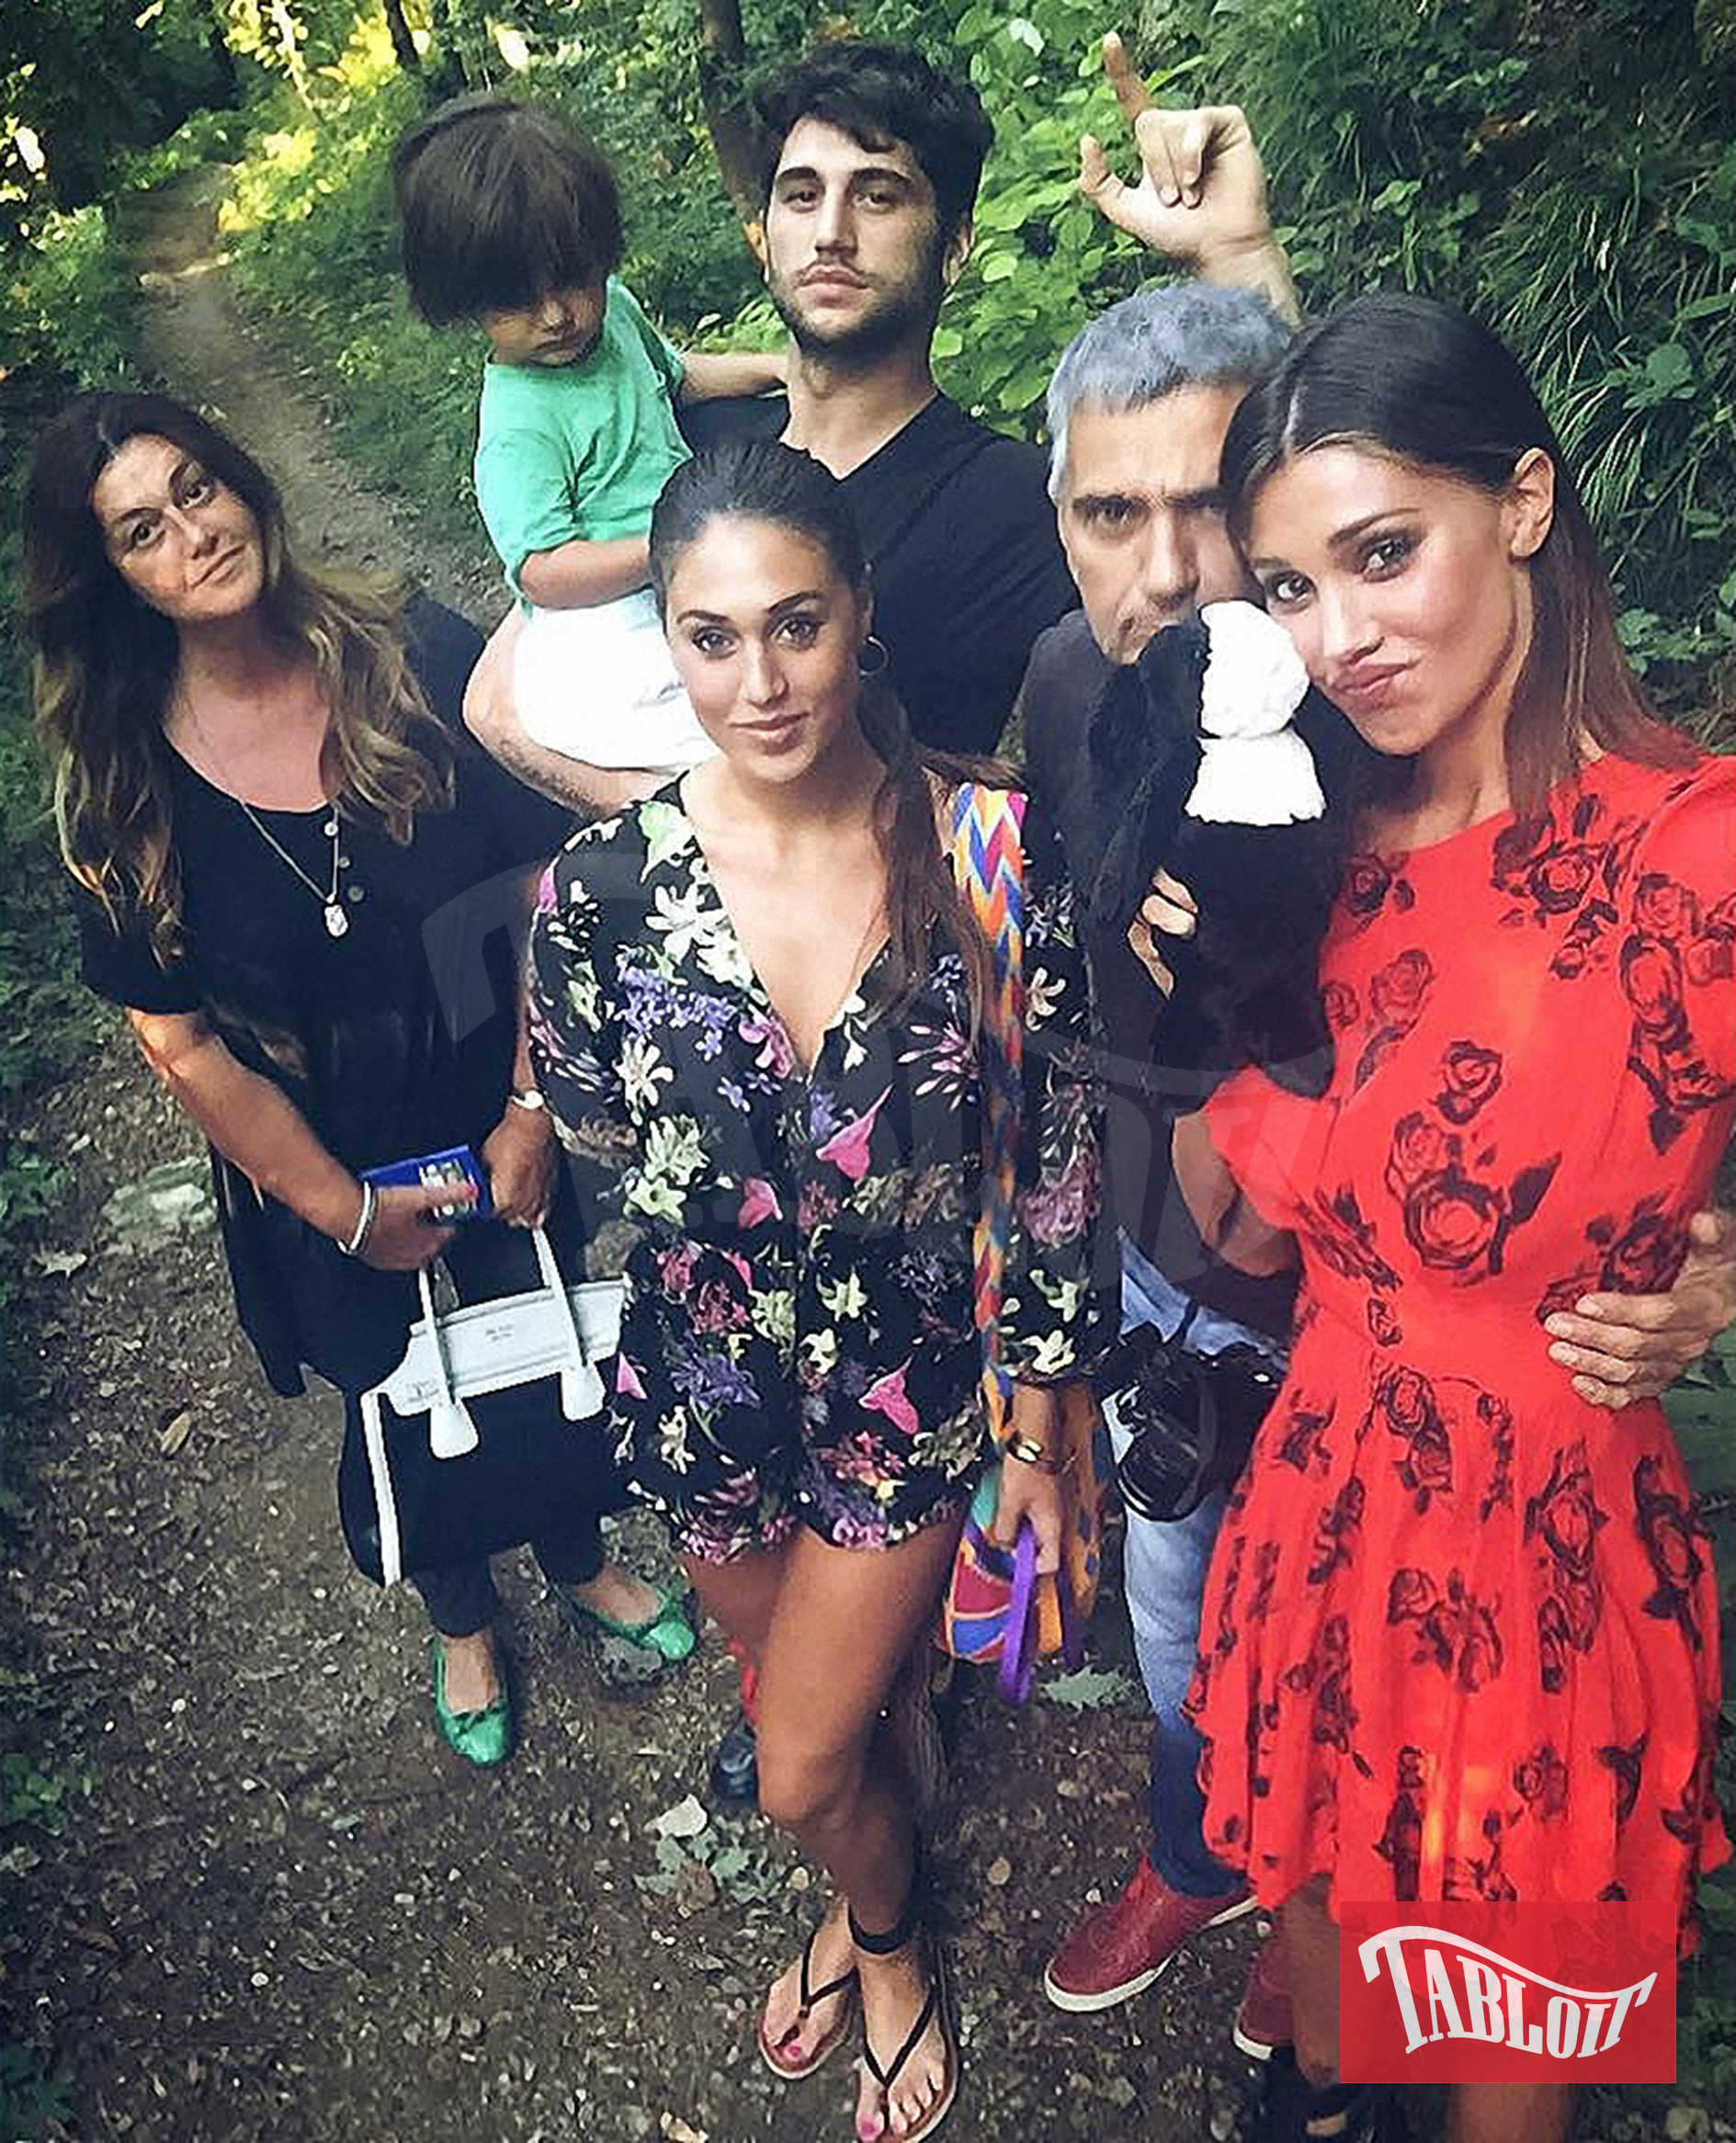 Uno scatto di Instagram di Belen Rodriguez con il padre Gustavo, la sorella Cecilia, il fratello Jeremias con in braccio Santiago, figlio di Belen e Stefano De Martino, e la mamma Veronica Cozzani